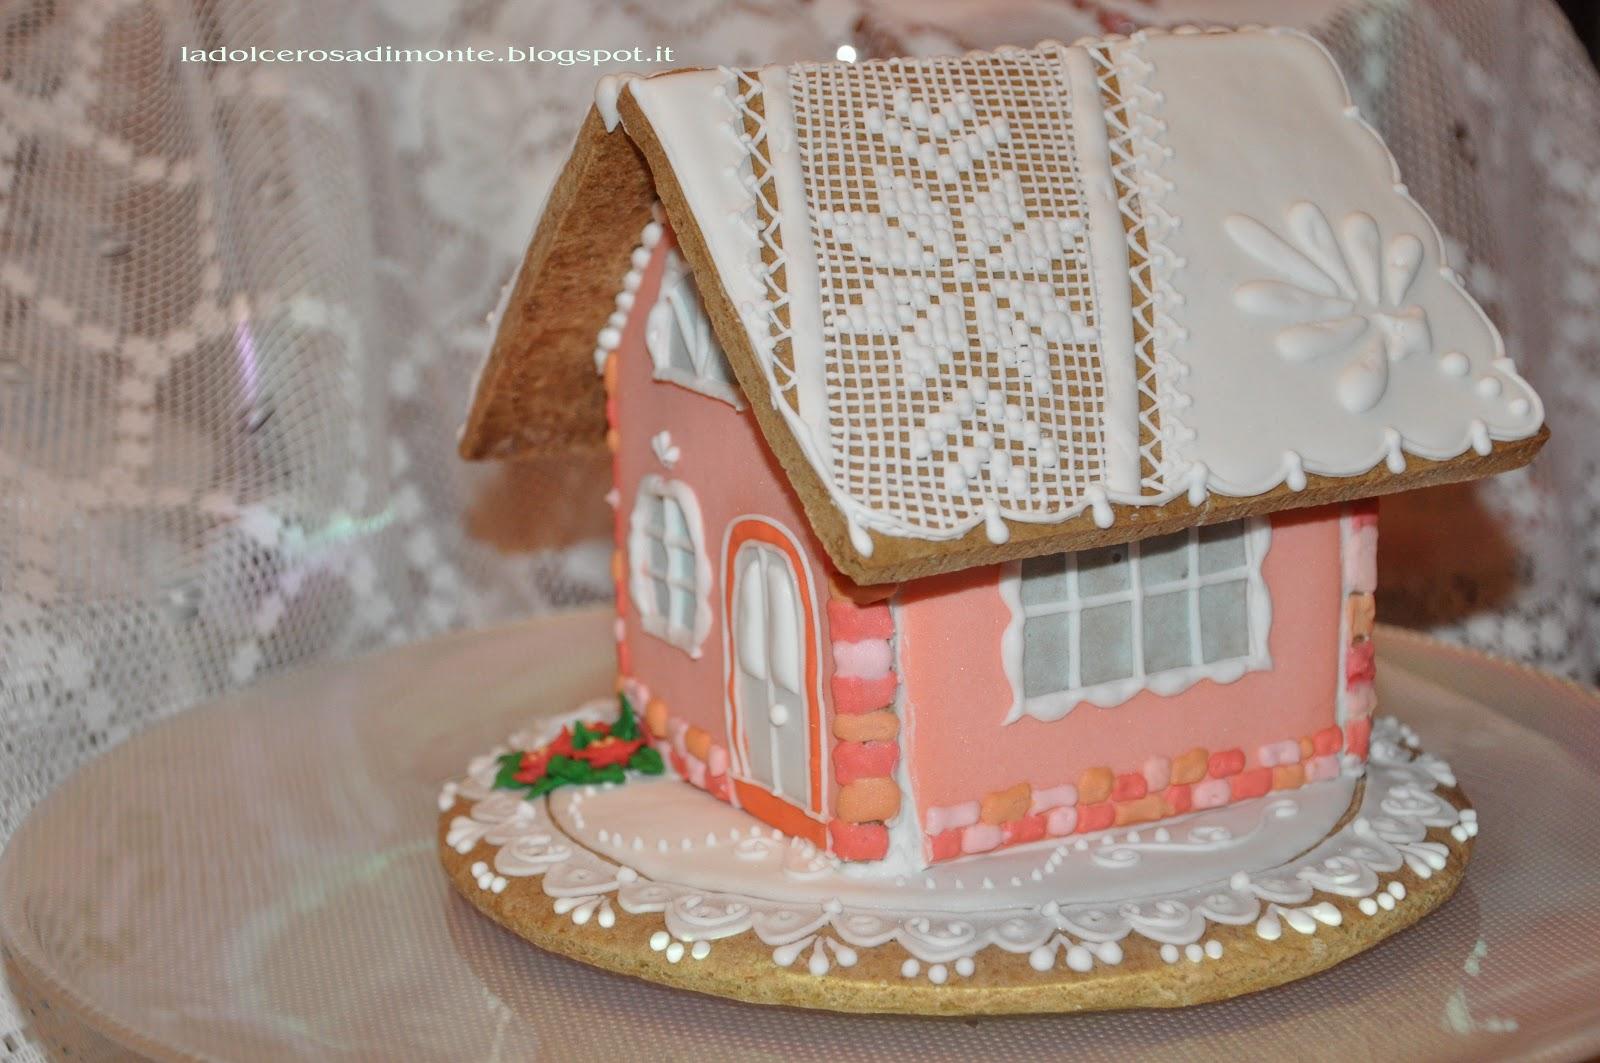 Casette Dolci Di Natale.La Dolce Rosa Di Monte Casette Gingerbread Natale 2016